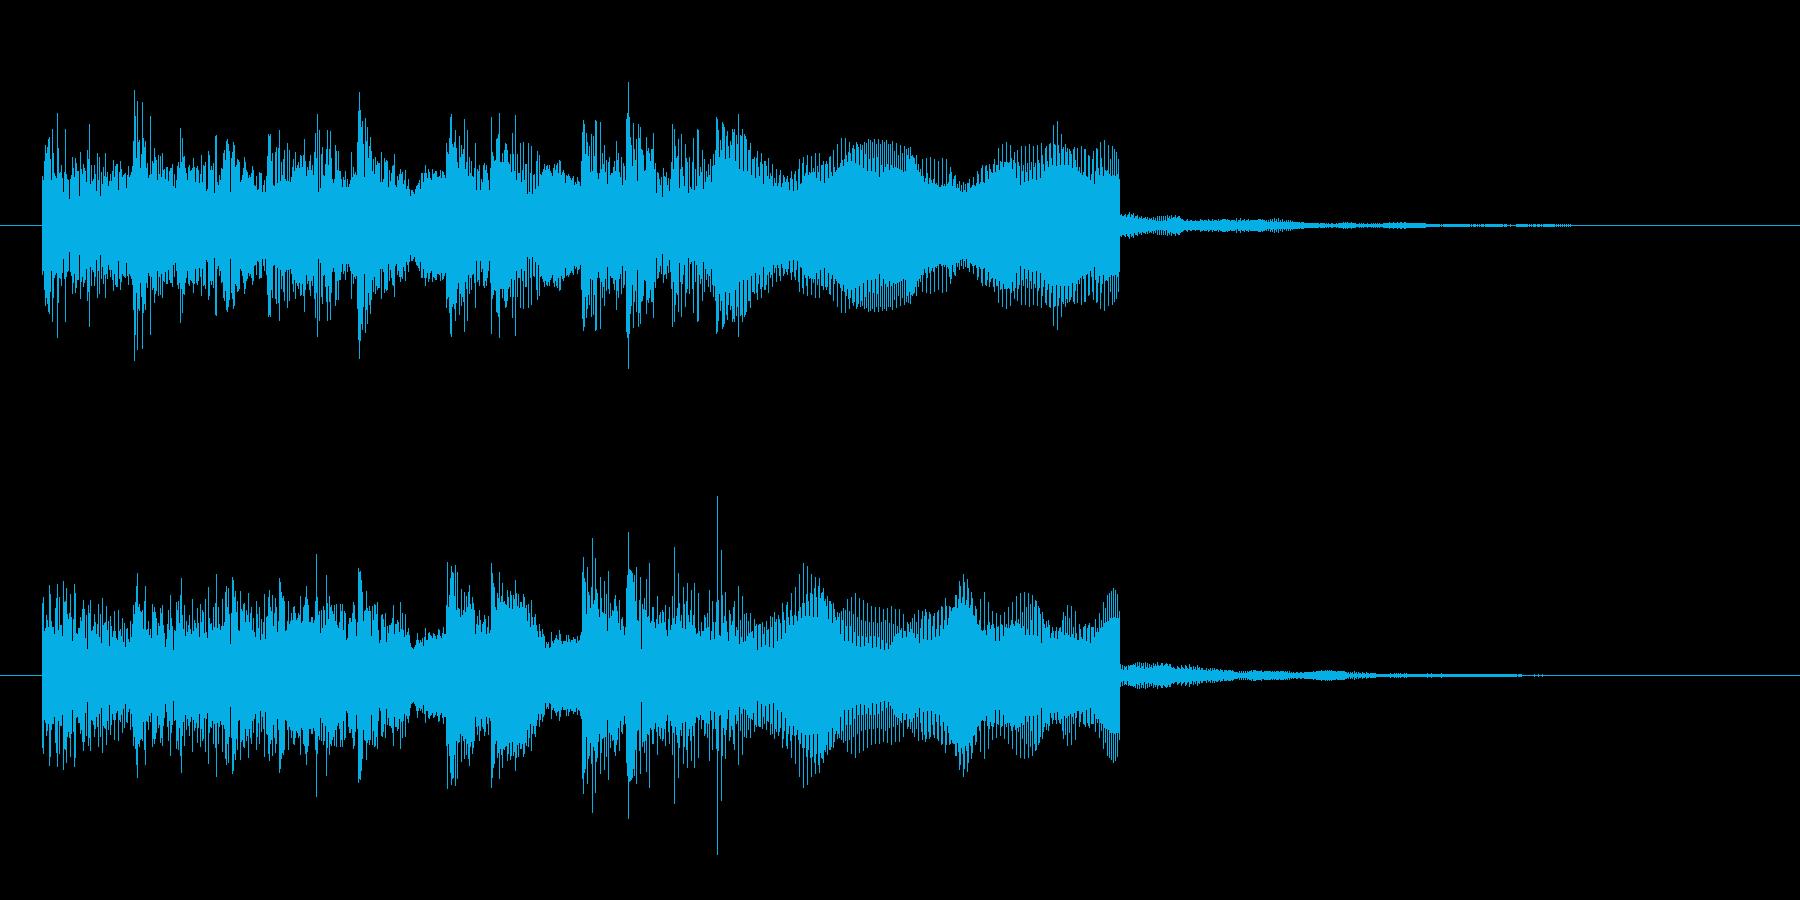 シンセのメタルフレーズなジングル 様式美の再生済みの波形